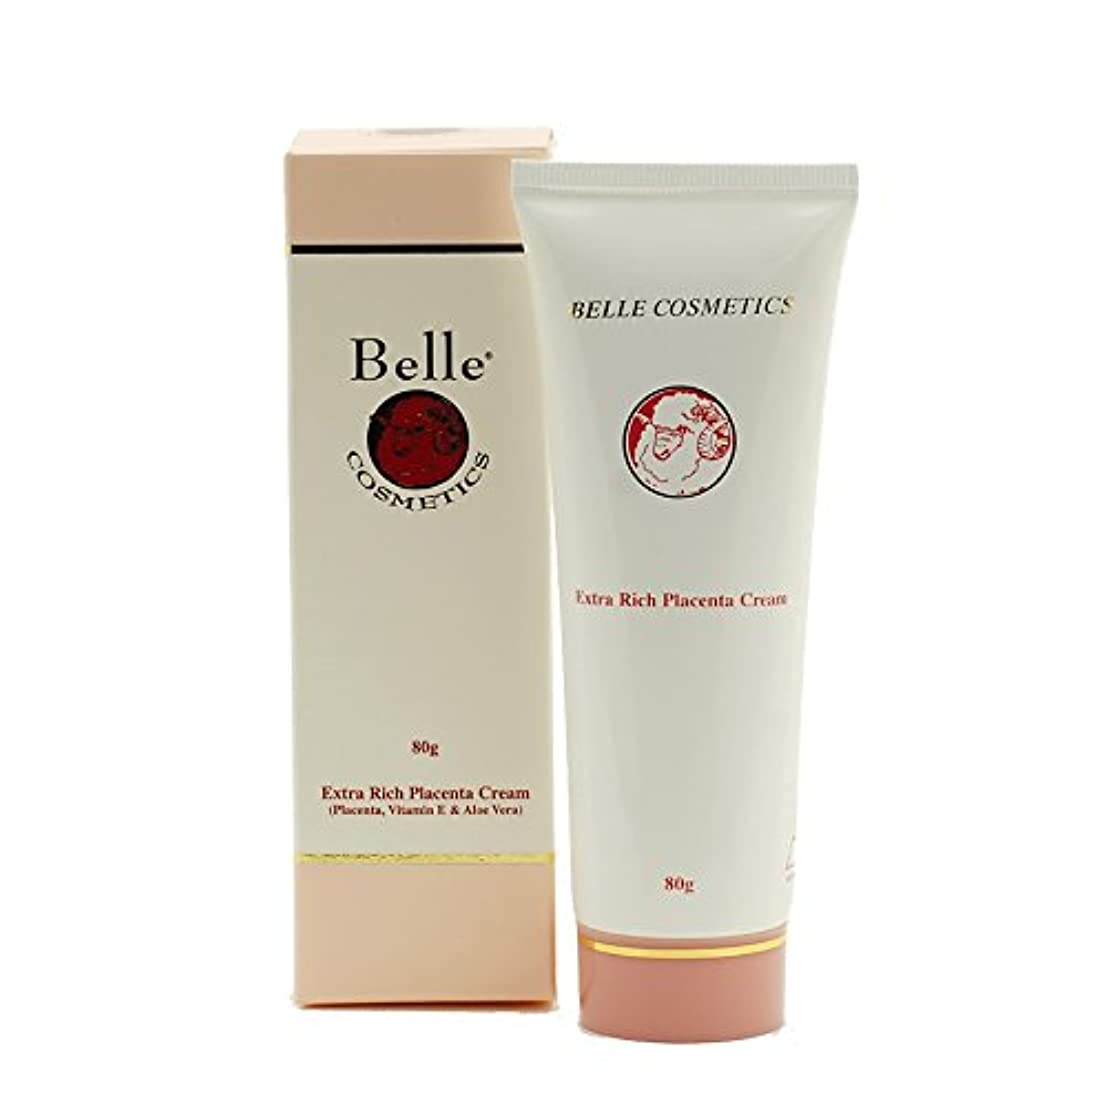 彼ほぼ組み込む[Belle Cosmetics]ベルコスメティック エキストラリッチプレセンタクリーム80g【海外直送】